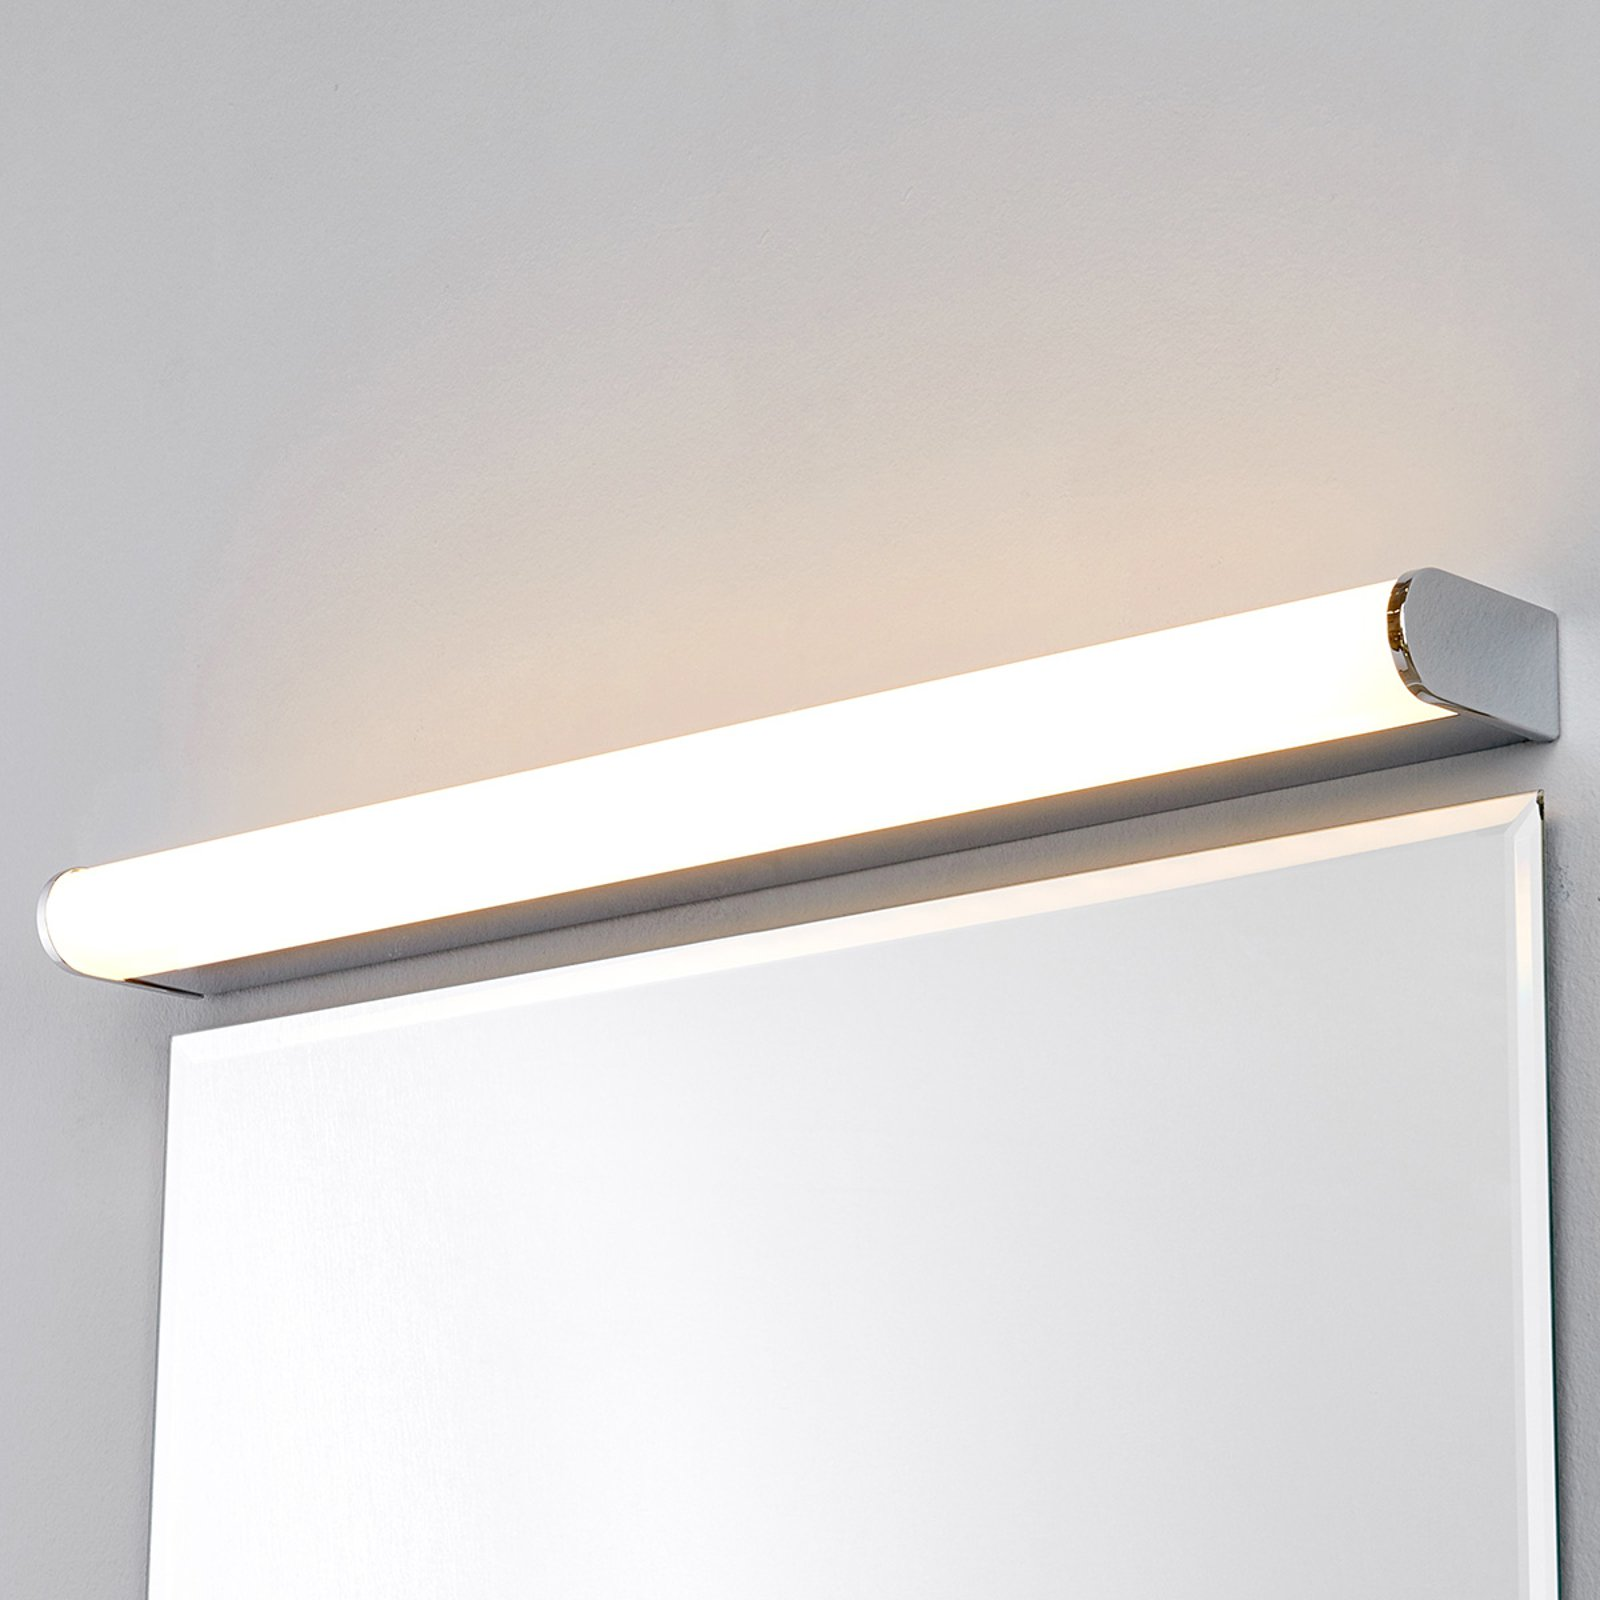 LED-bad- og speillampe Philippa halvrund 58cm